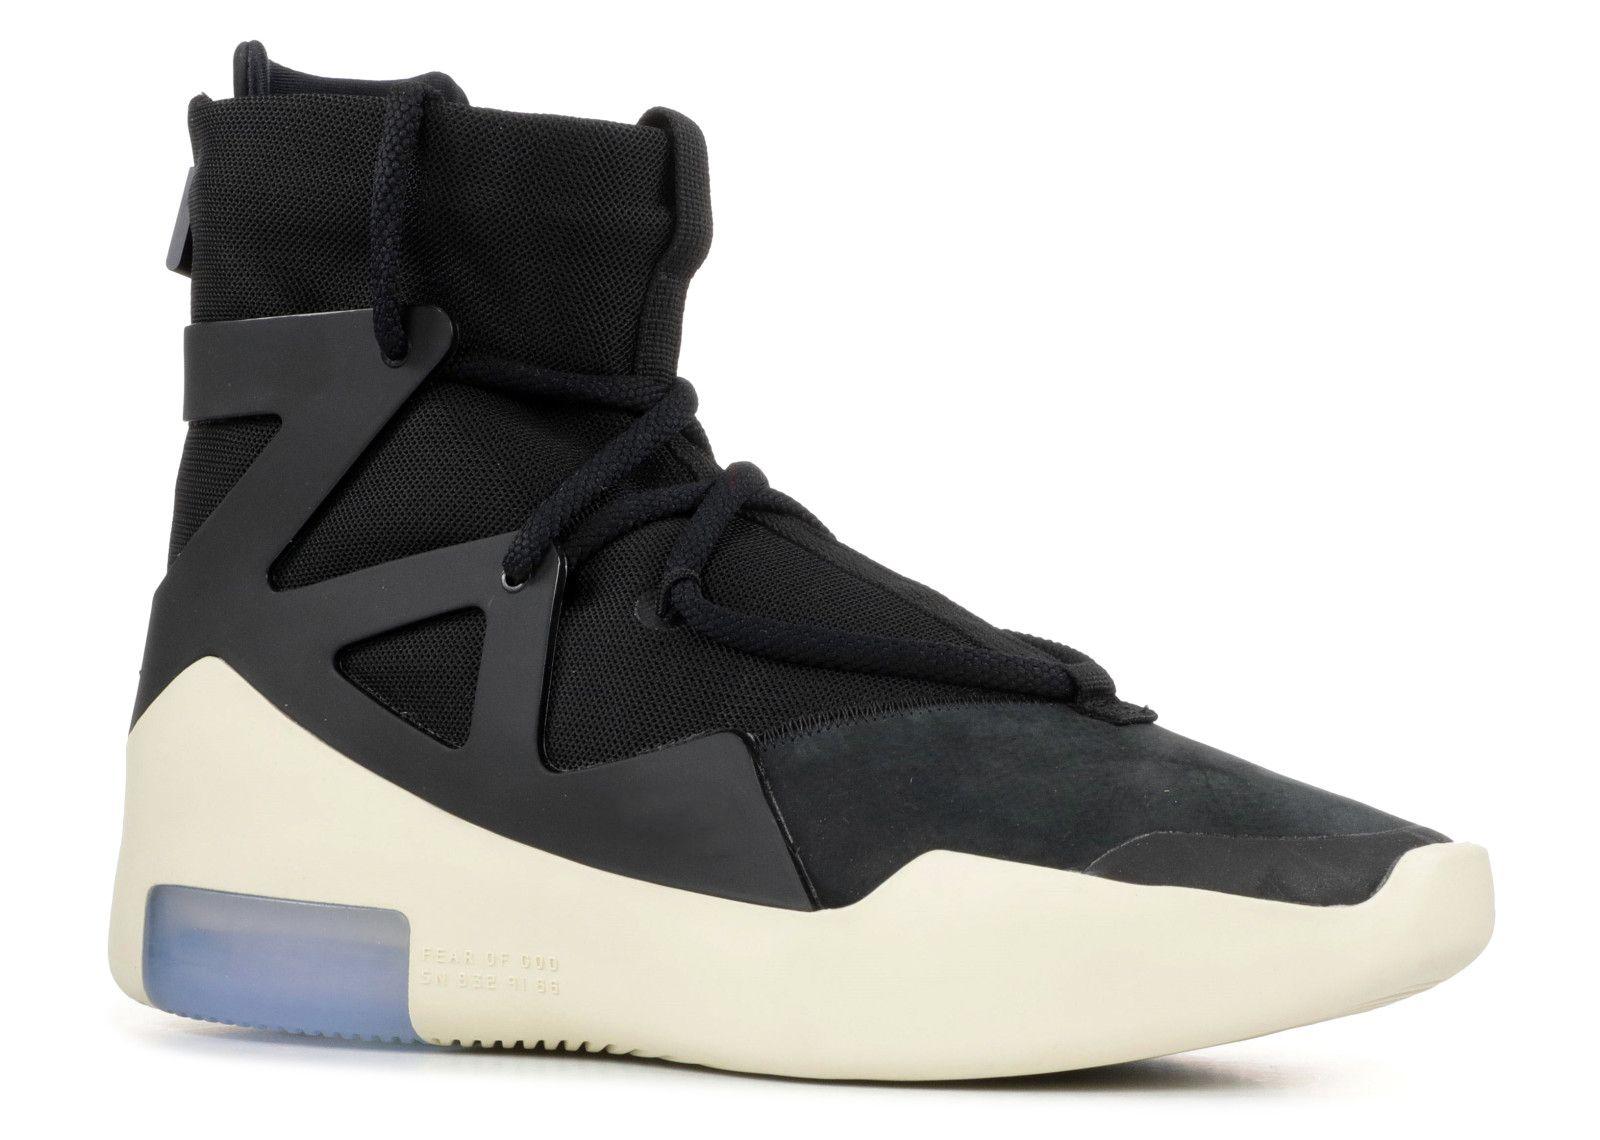 Femmes 36 Noir Baskets De Nouvelle Hommes 2018 Chaussures Basketball Bone Dieu Bottes Sports Air Peur Nike Fog Voile 45 1 Light Zoom Arrivée hdtsrxQC